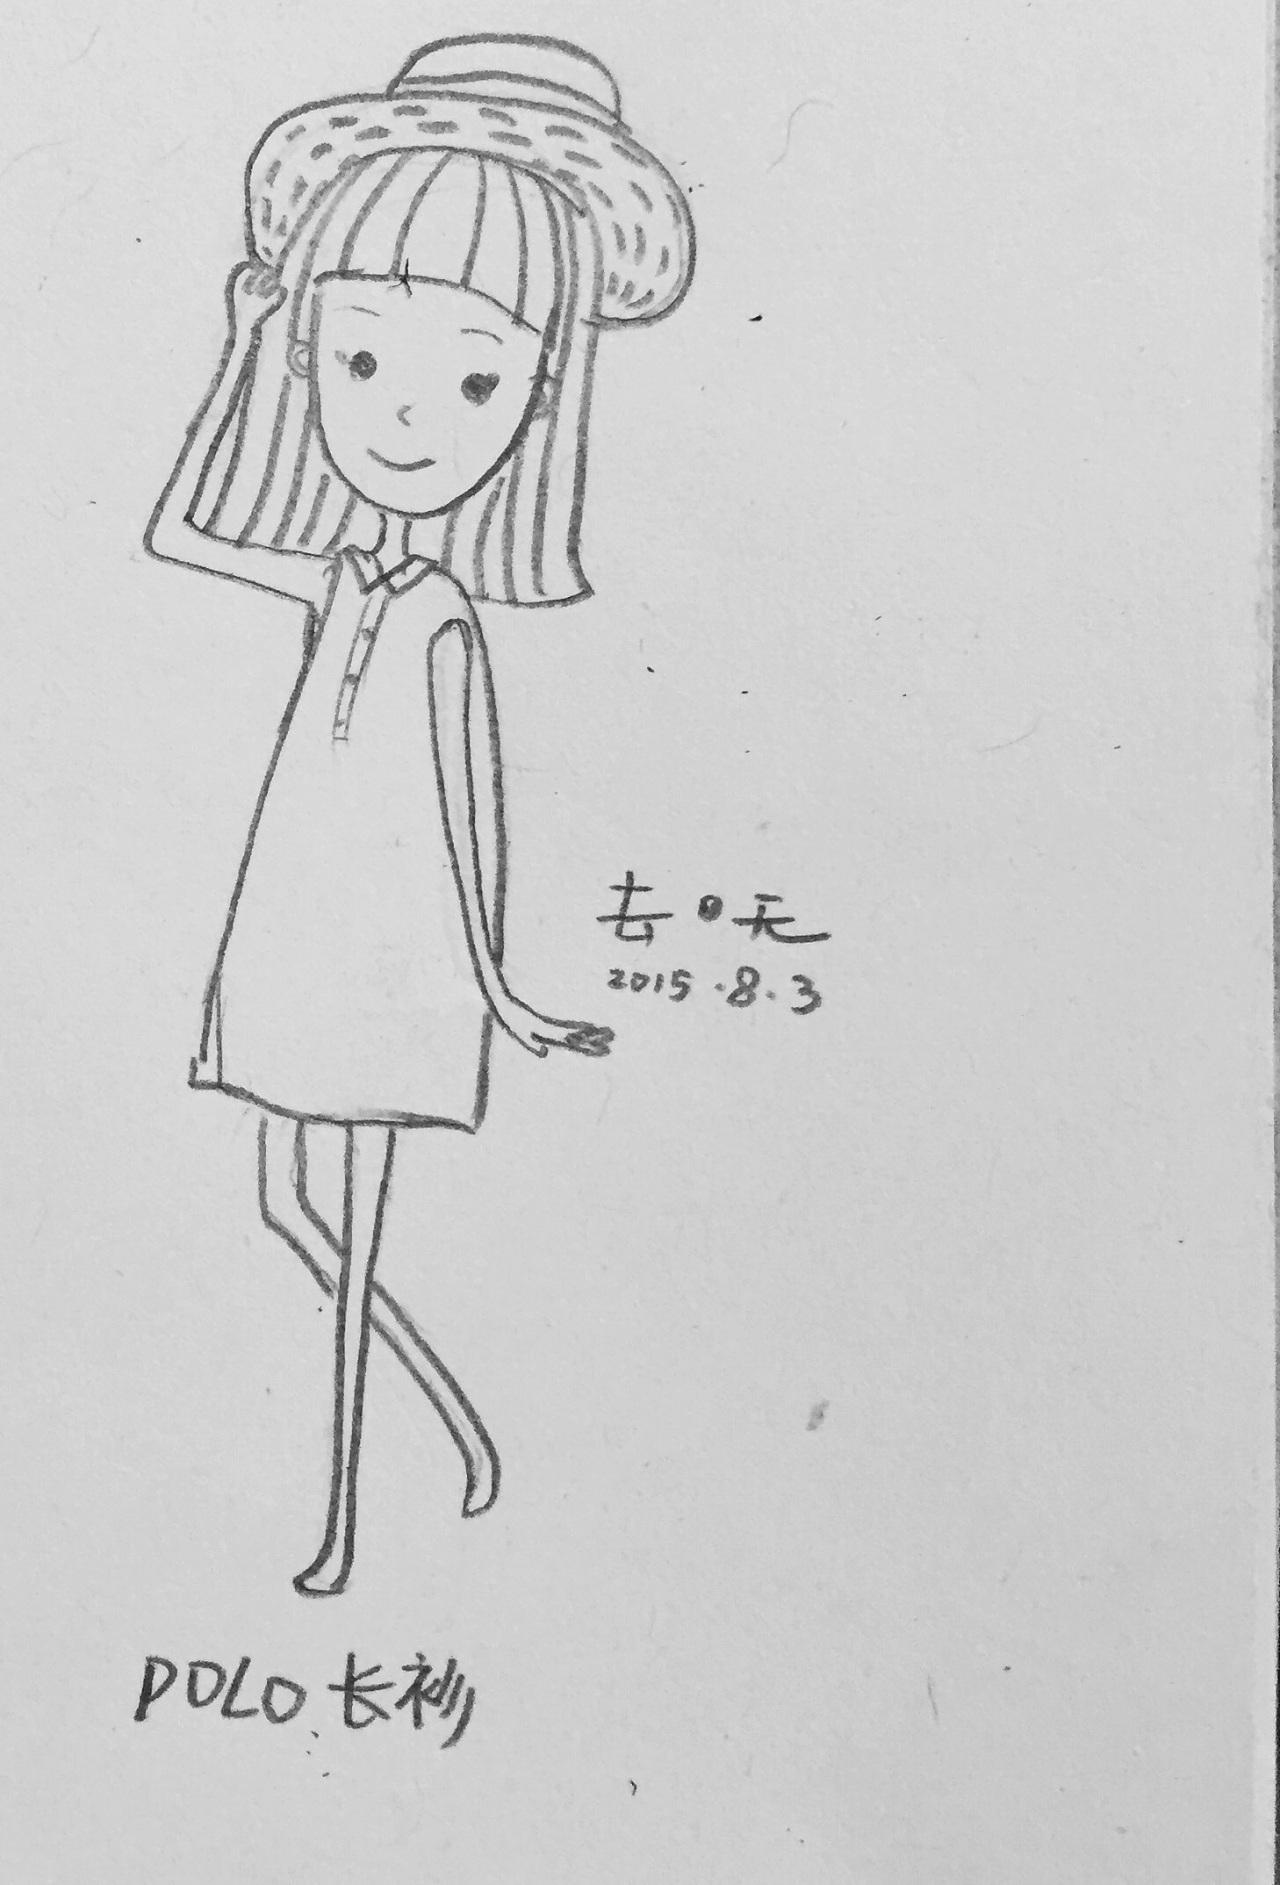 可爱的小人儿 简笔画